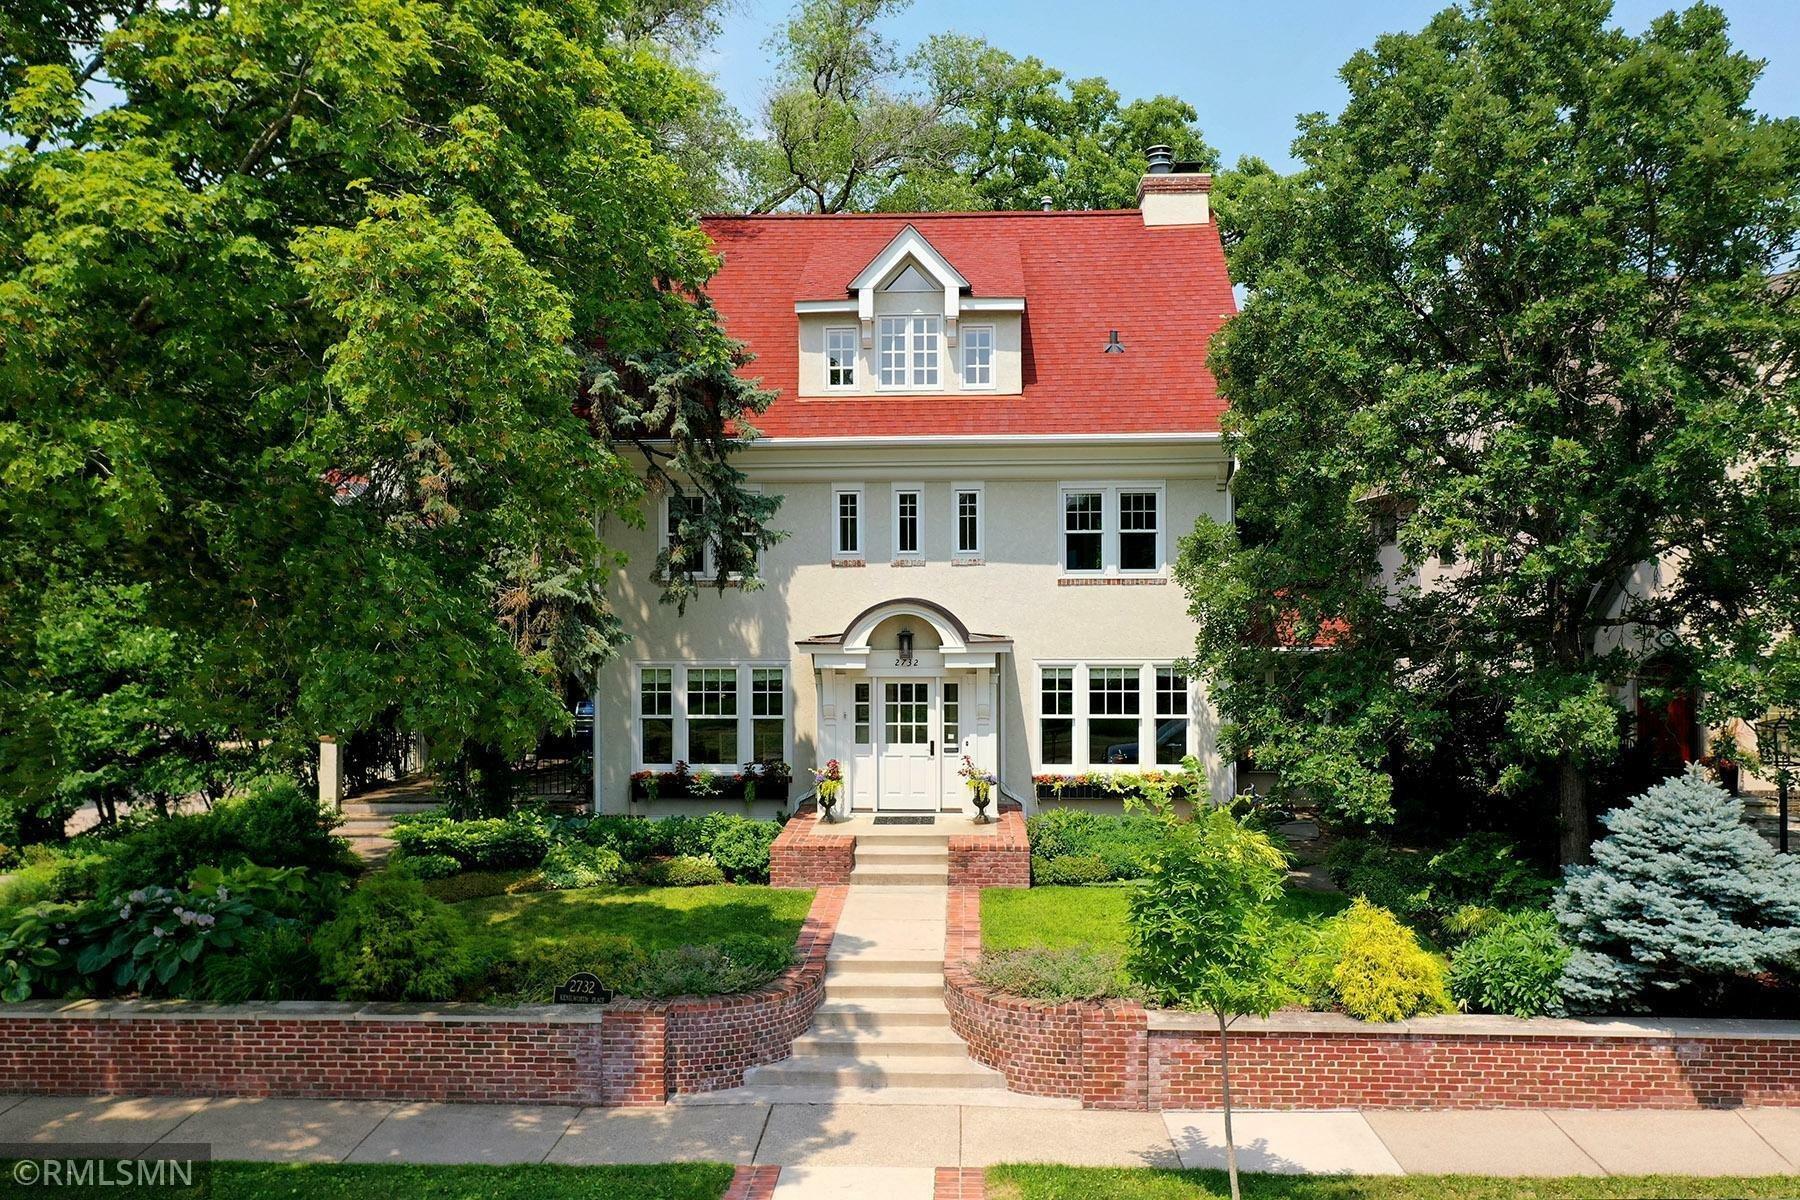 Дом в Minneapolis, Миннесота, Соединенные Штаты Америки 1 - 11544934